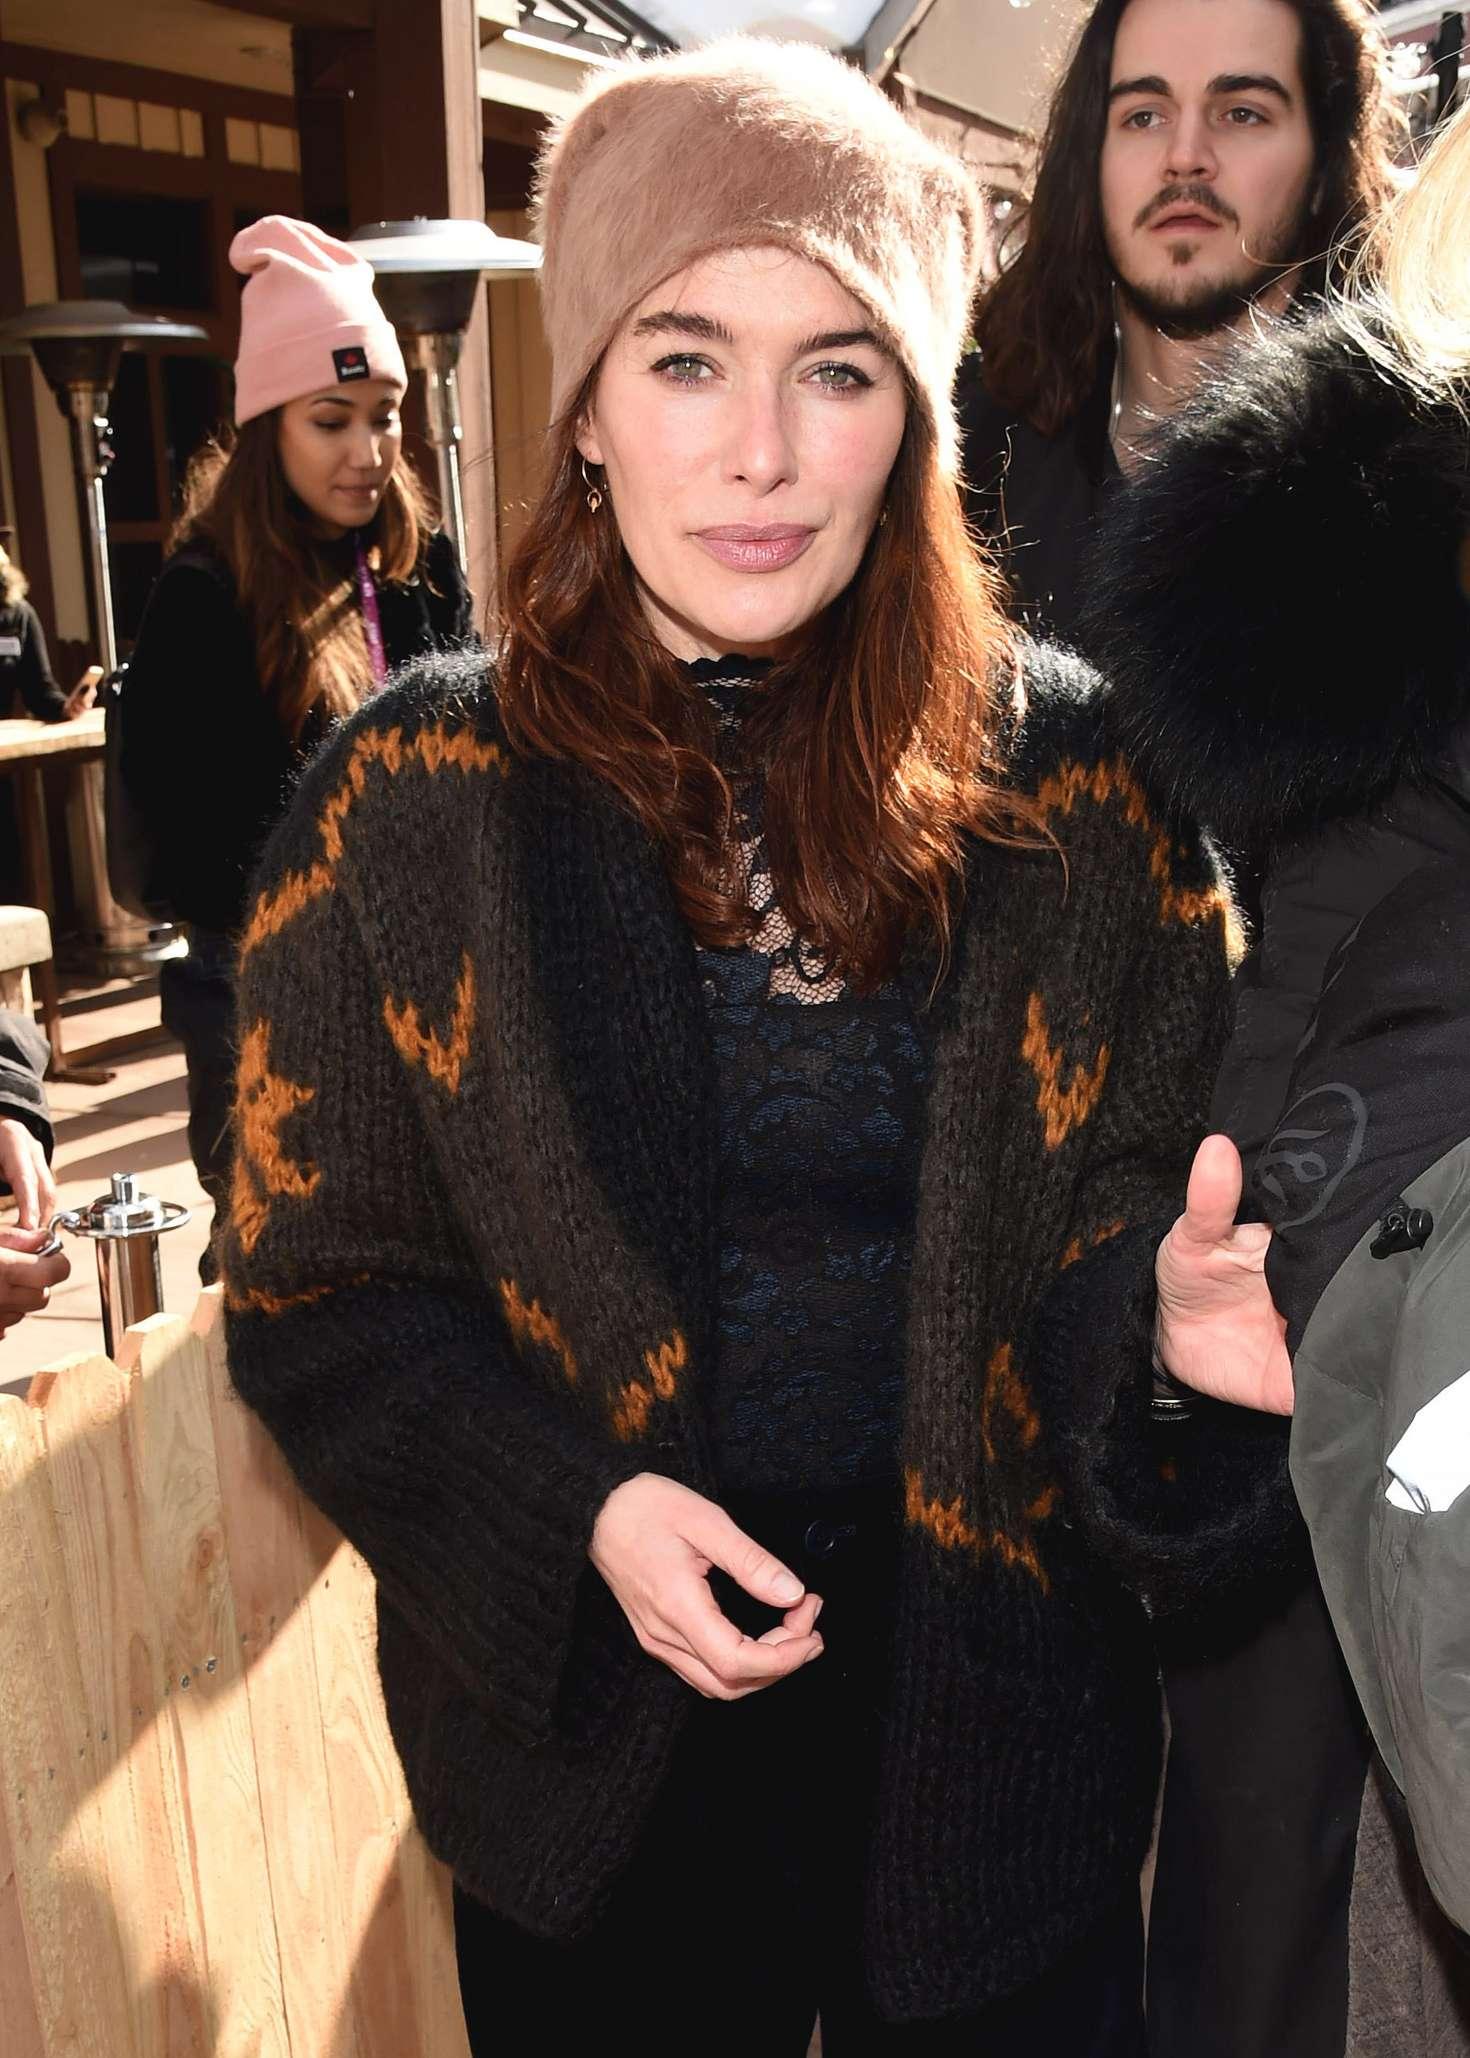 Lena Headey 2019 : Lena Headey: Sundance Film Festival 2019 -09